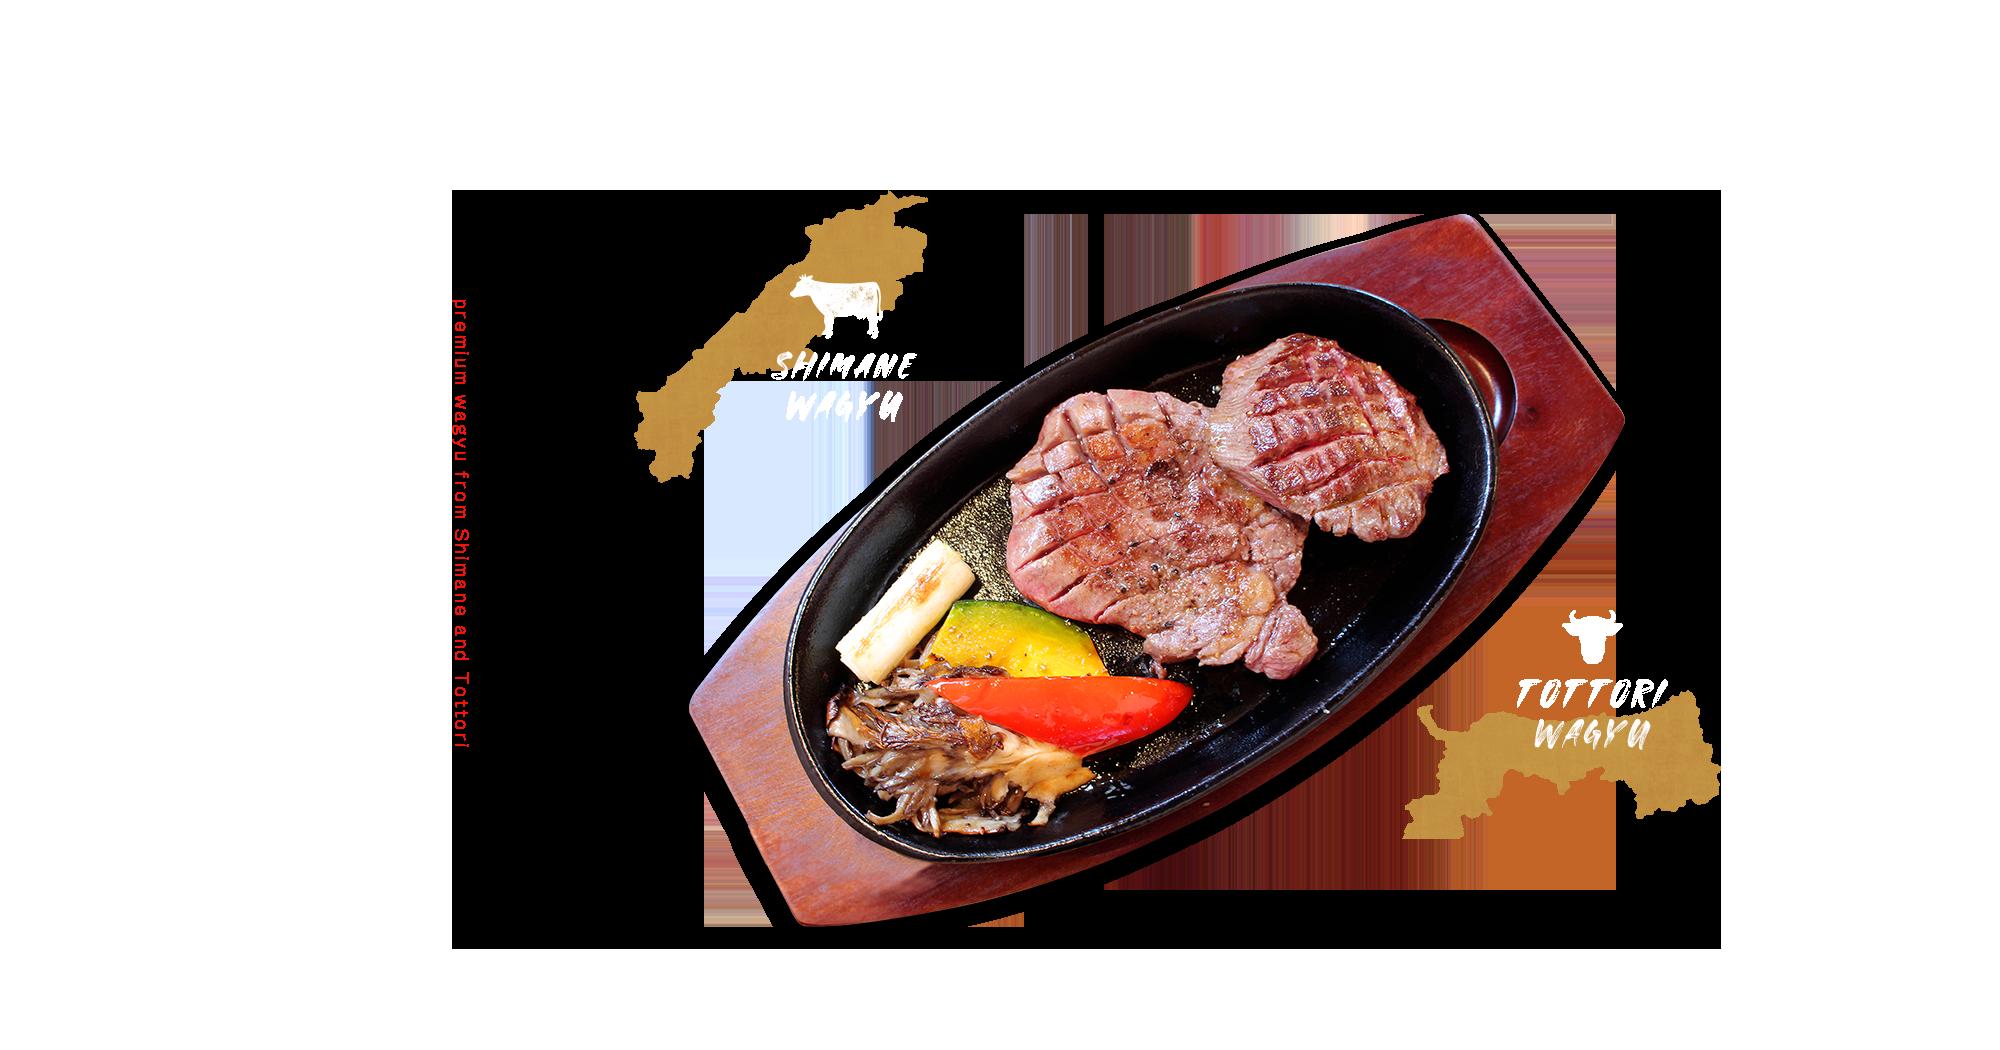 地元産のしまね和牛 鳥取和牛を使用したステーキがおすすめ